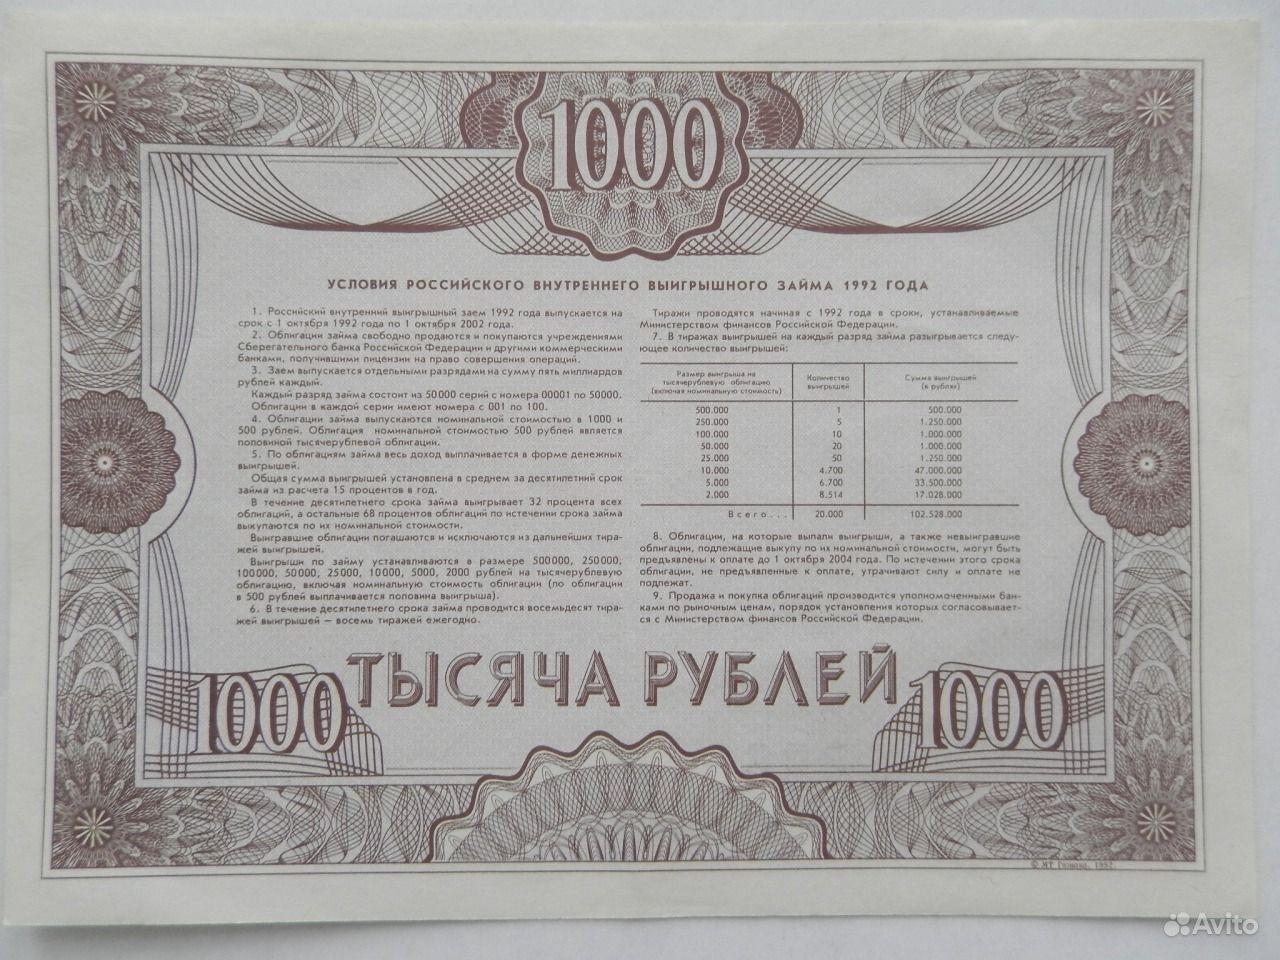 Путана 1000 руб 23 фотография